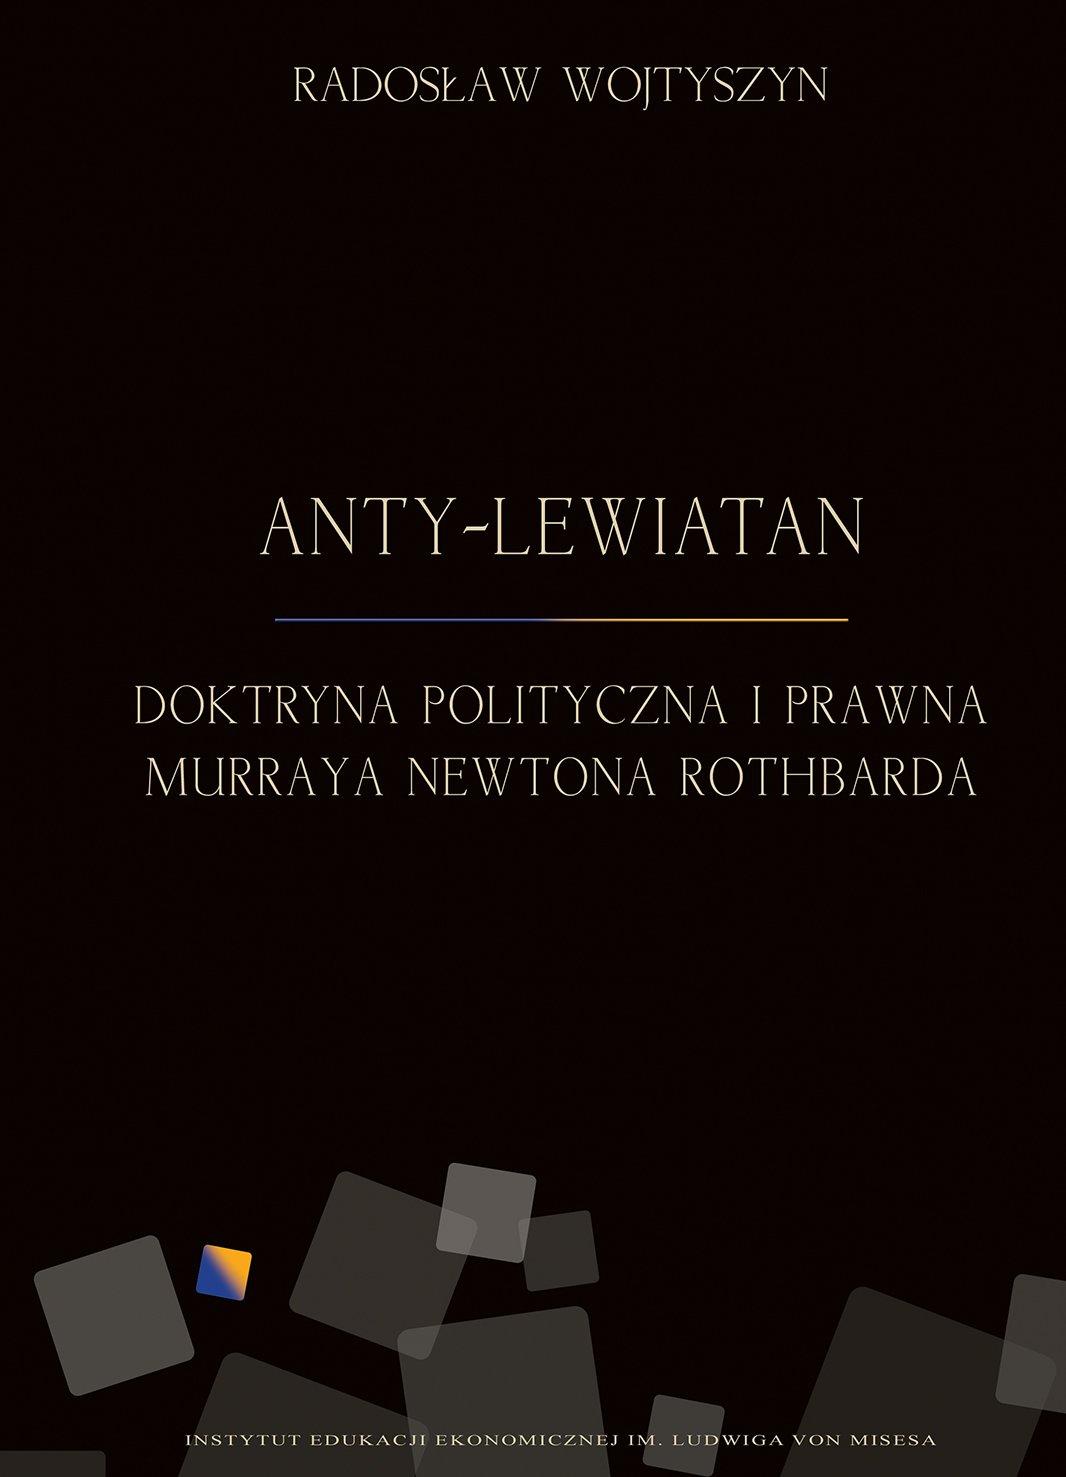 Anty-Lewiatan. Doktryna polityczna i prawna Murraya Newtona Rothbarda - Ebook (Książka na Kindle) do pobrania w formacie MOBI